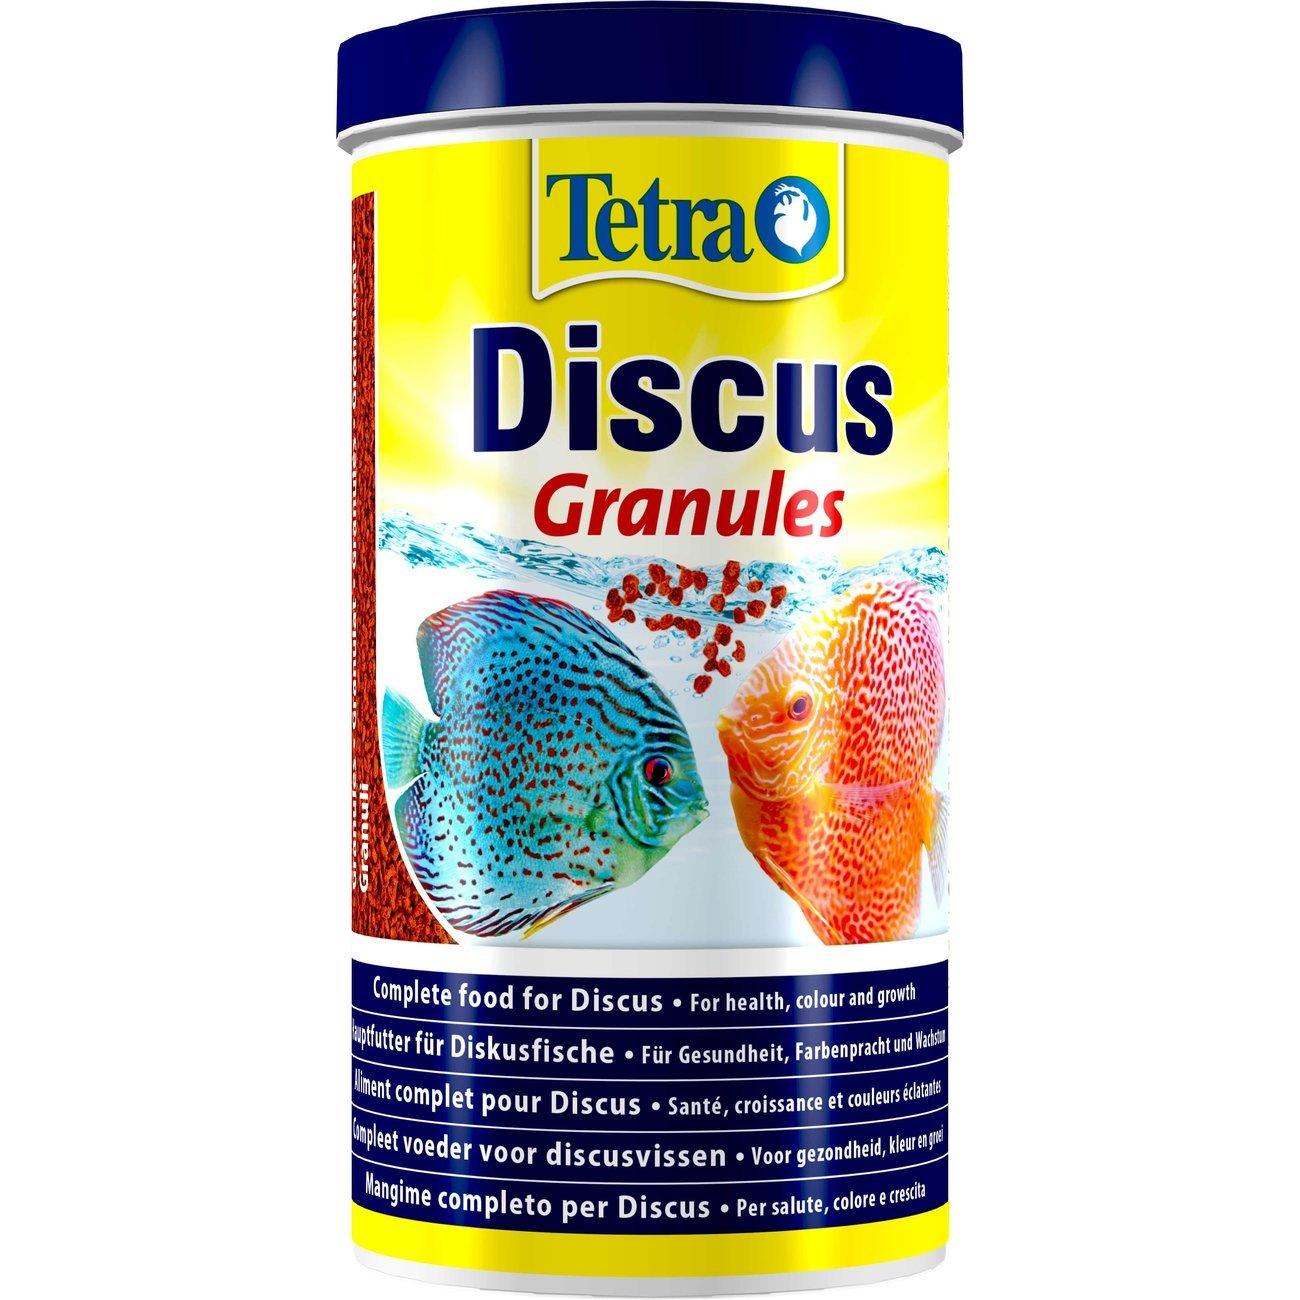 Tetra Granulat für Diskusfische, 1000 ml